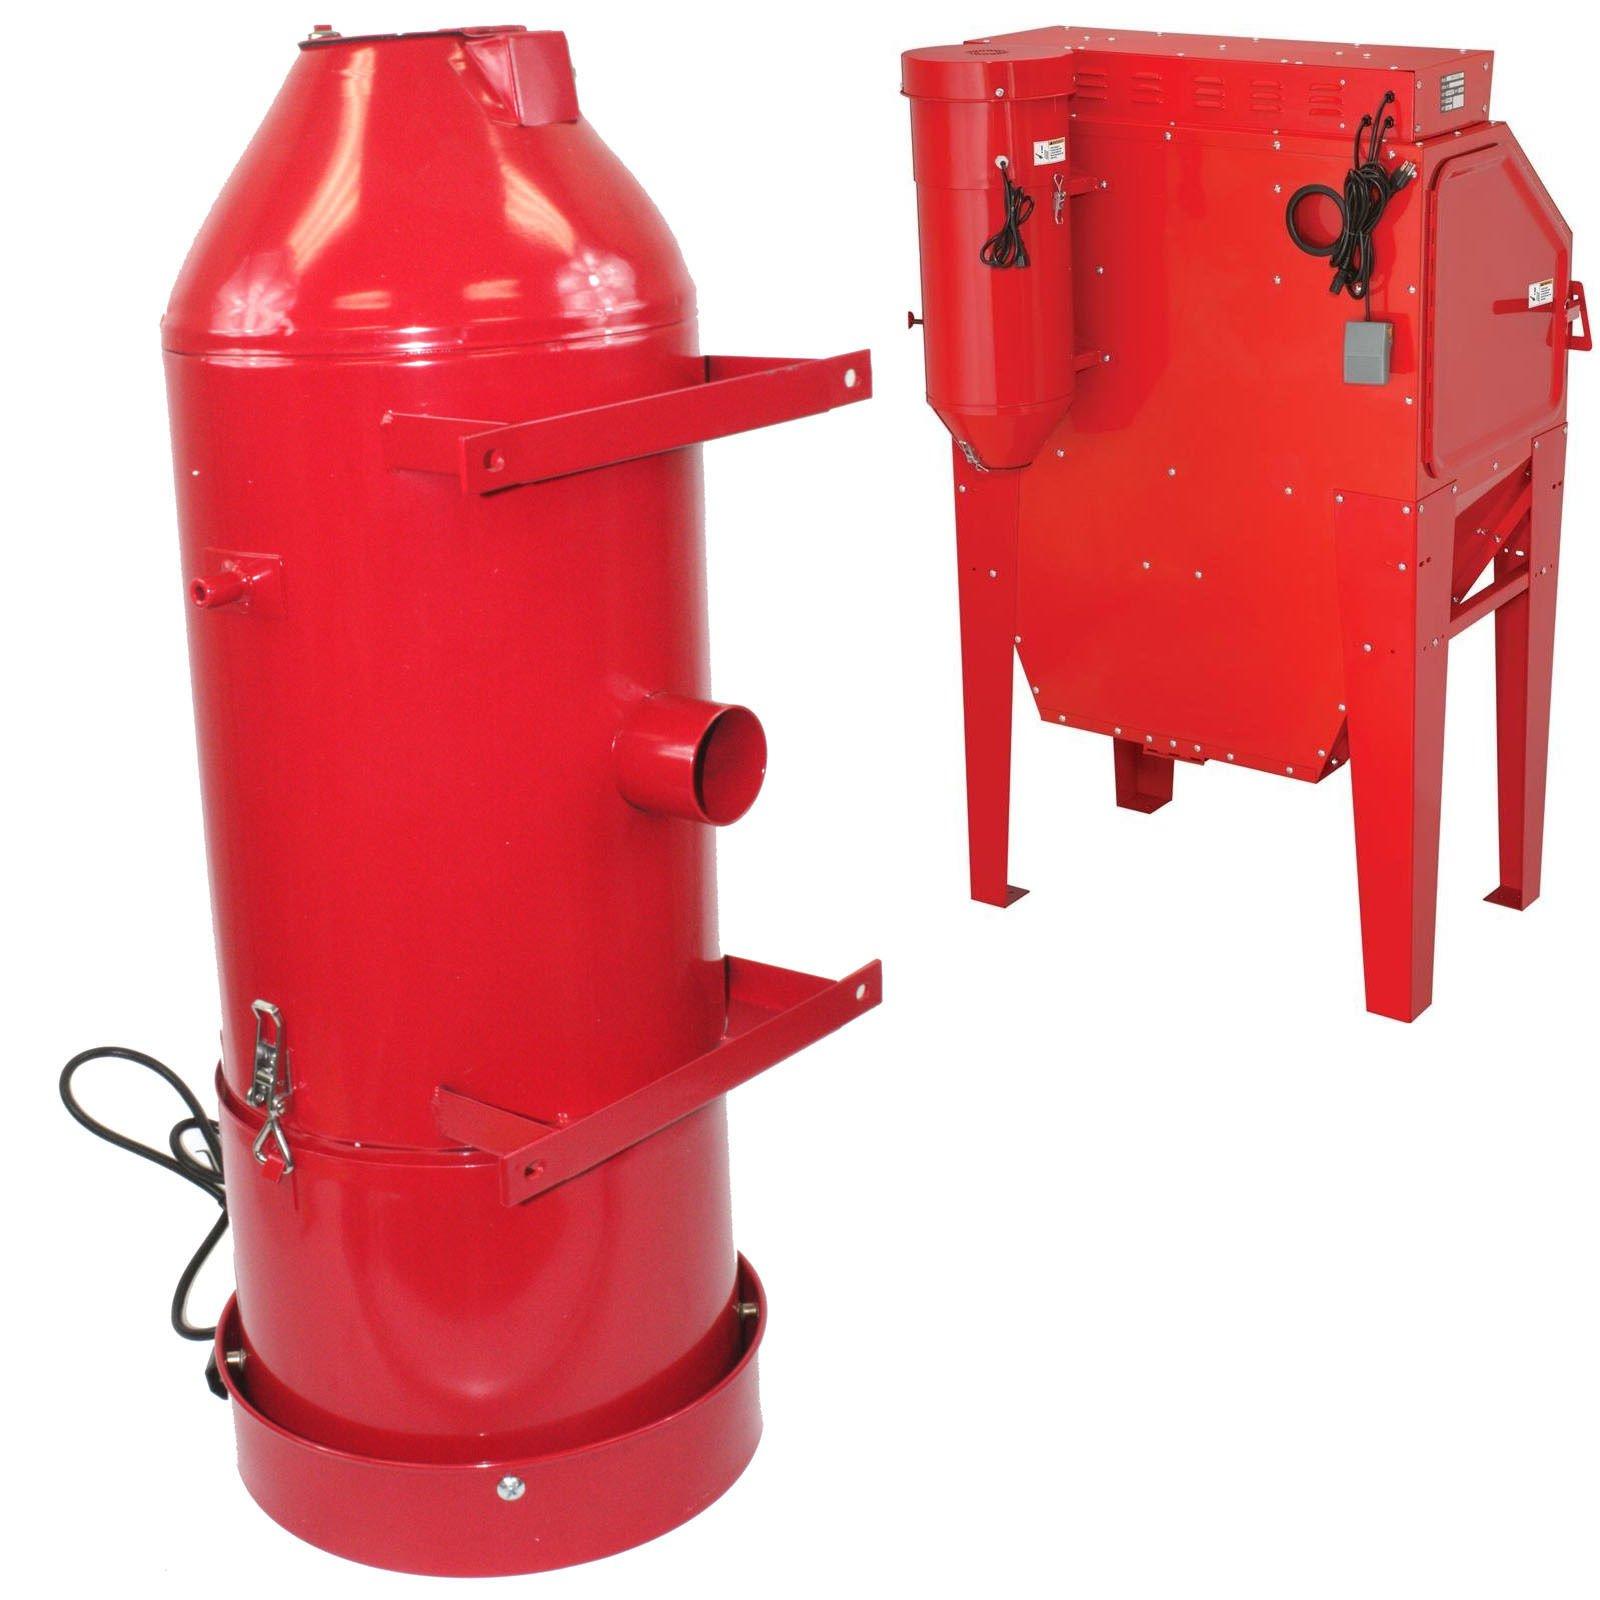 Air Filter Vacuum Cleaner & Sand Blast Dust Collector 90CFM For Industrial Cabinet Sandblaster 110V - Skroutz